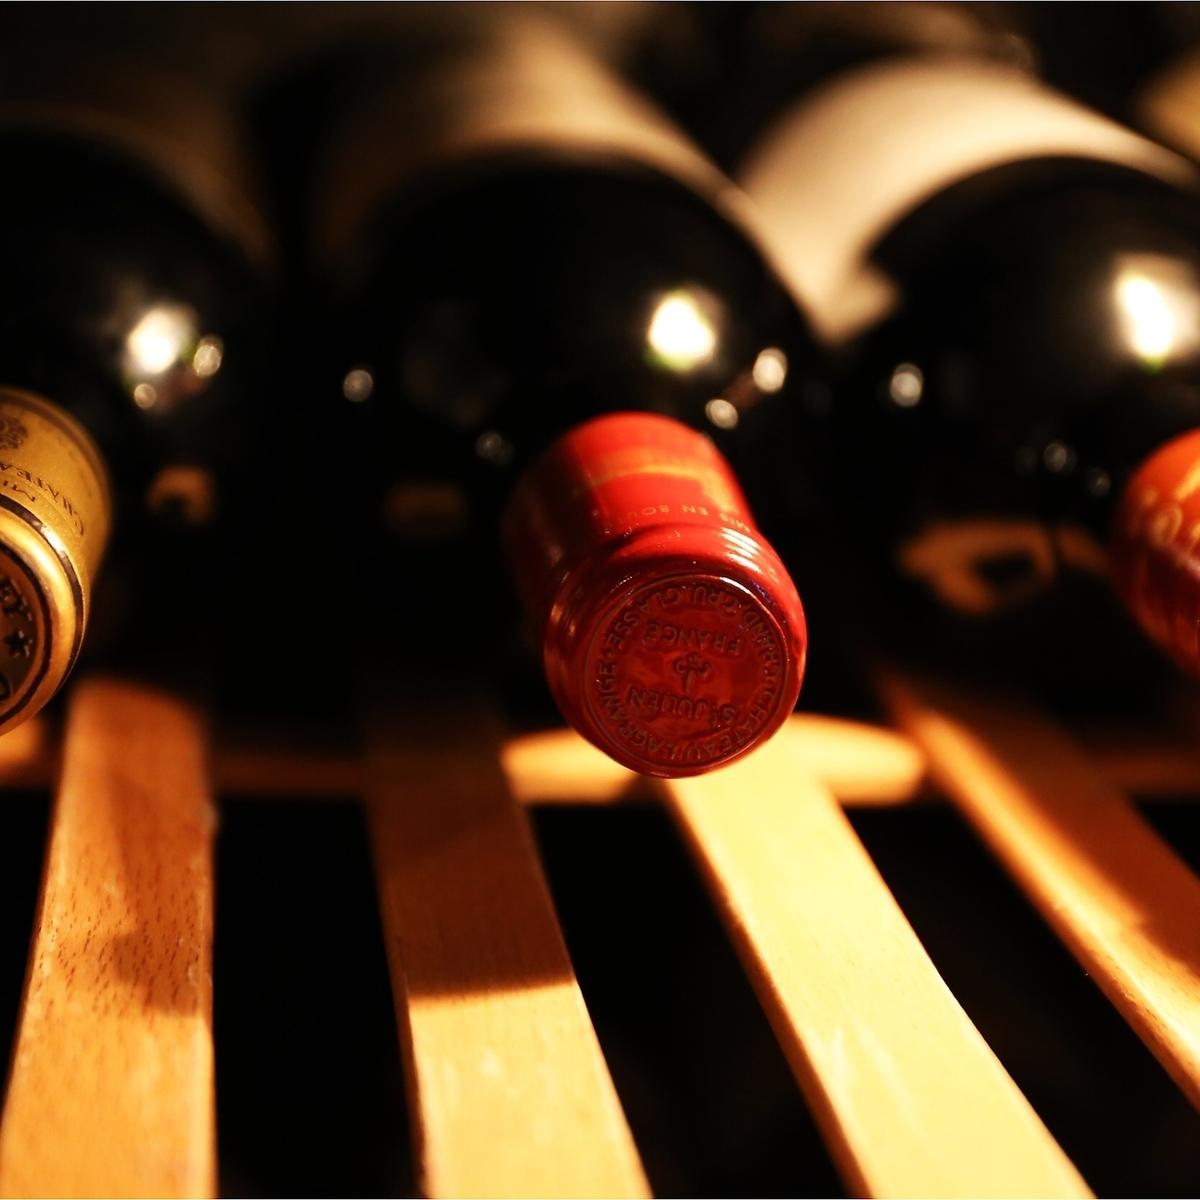 [와인을 부담없이 즐긴다면 ...]